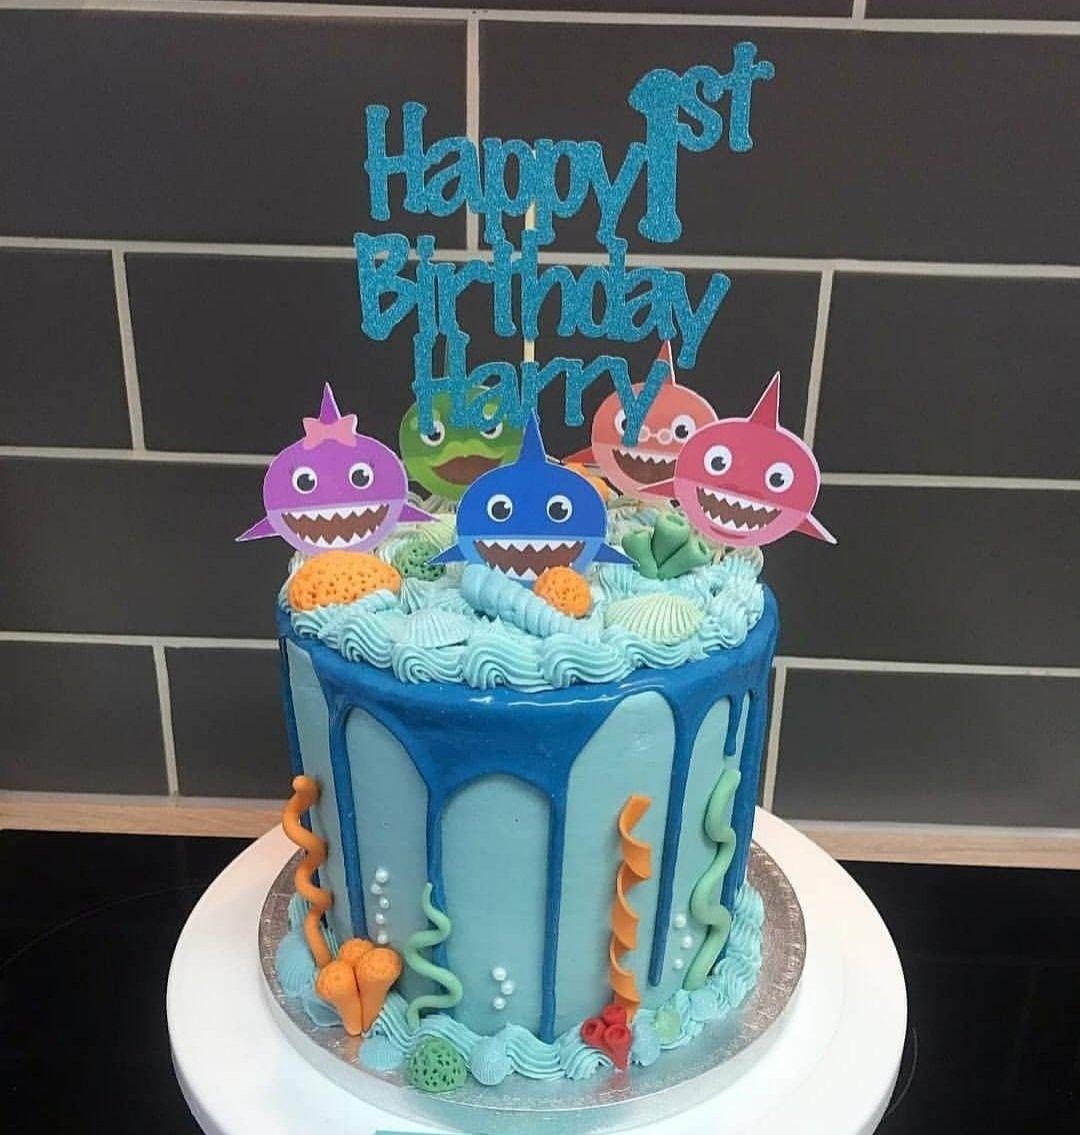 Pin by Leia Deak on BirthdayIdeas Shark birthday cakes